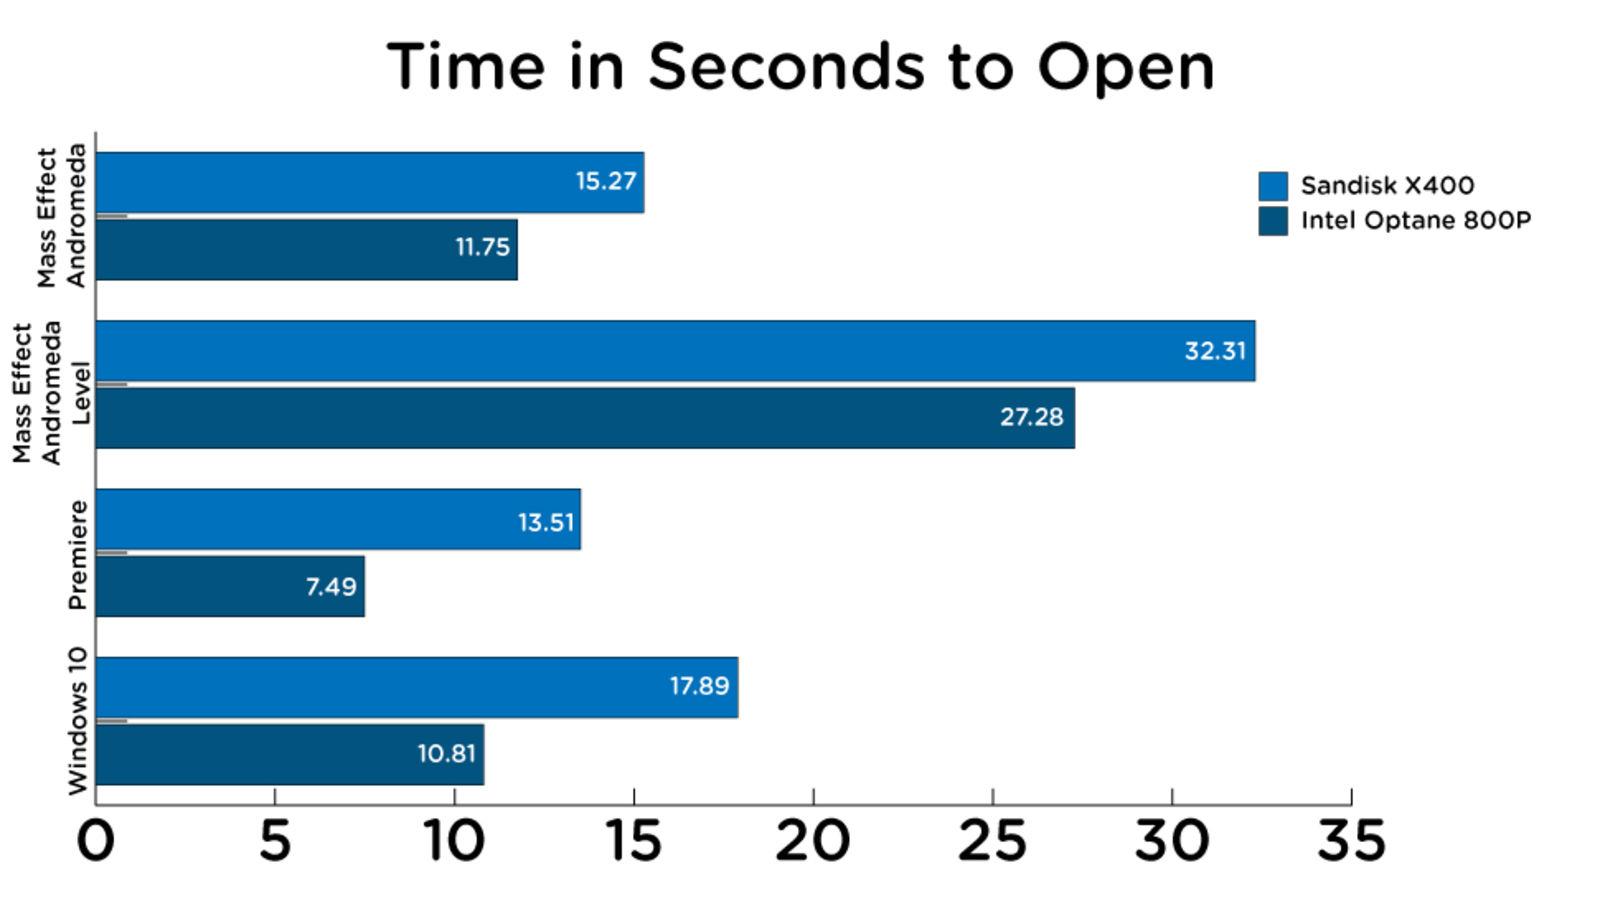 Tiempo que toma abrir una aplicación en segundos. Más rápido es mejor. (Alex Cranz / Gizmodo)